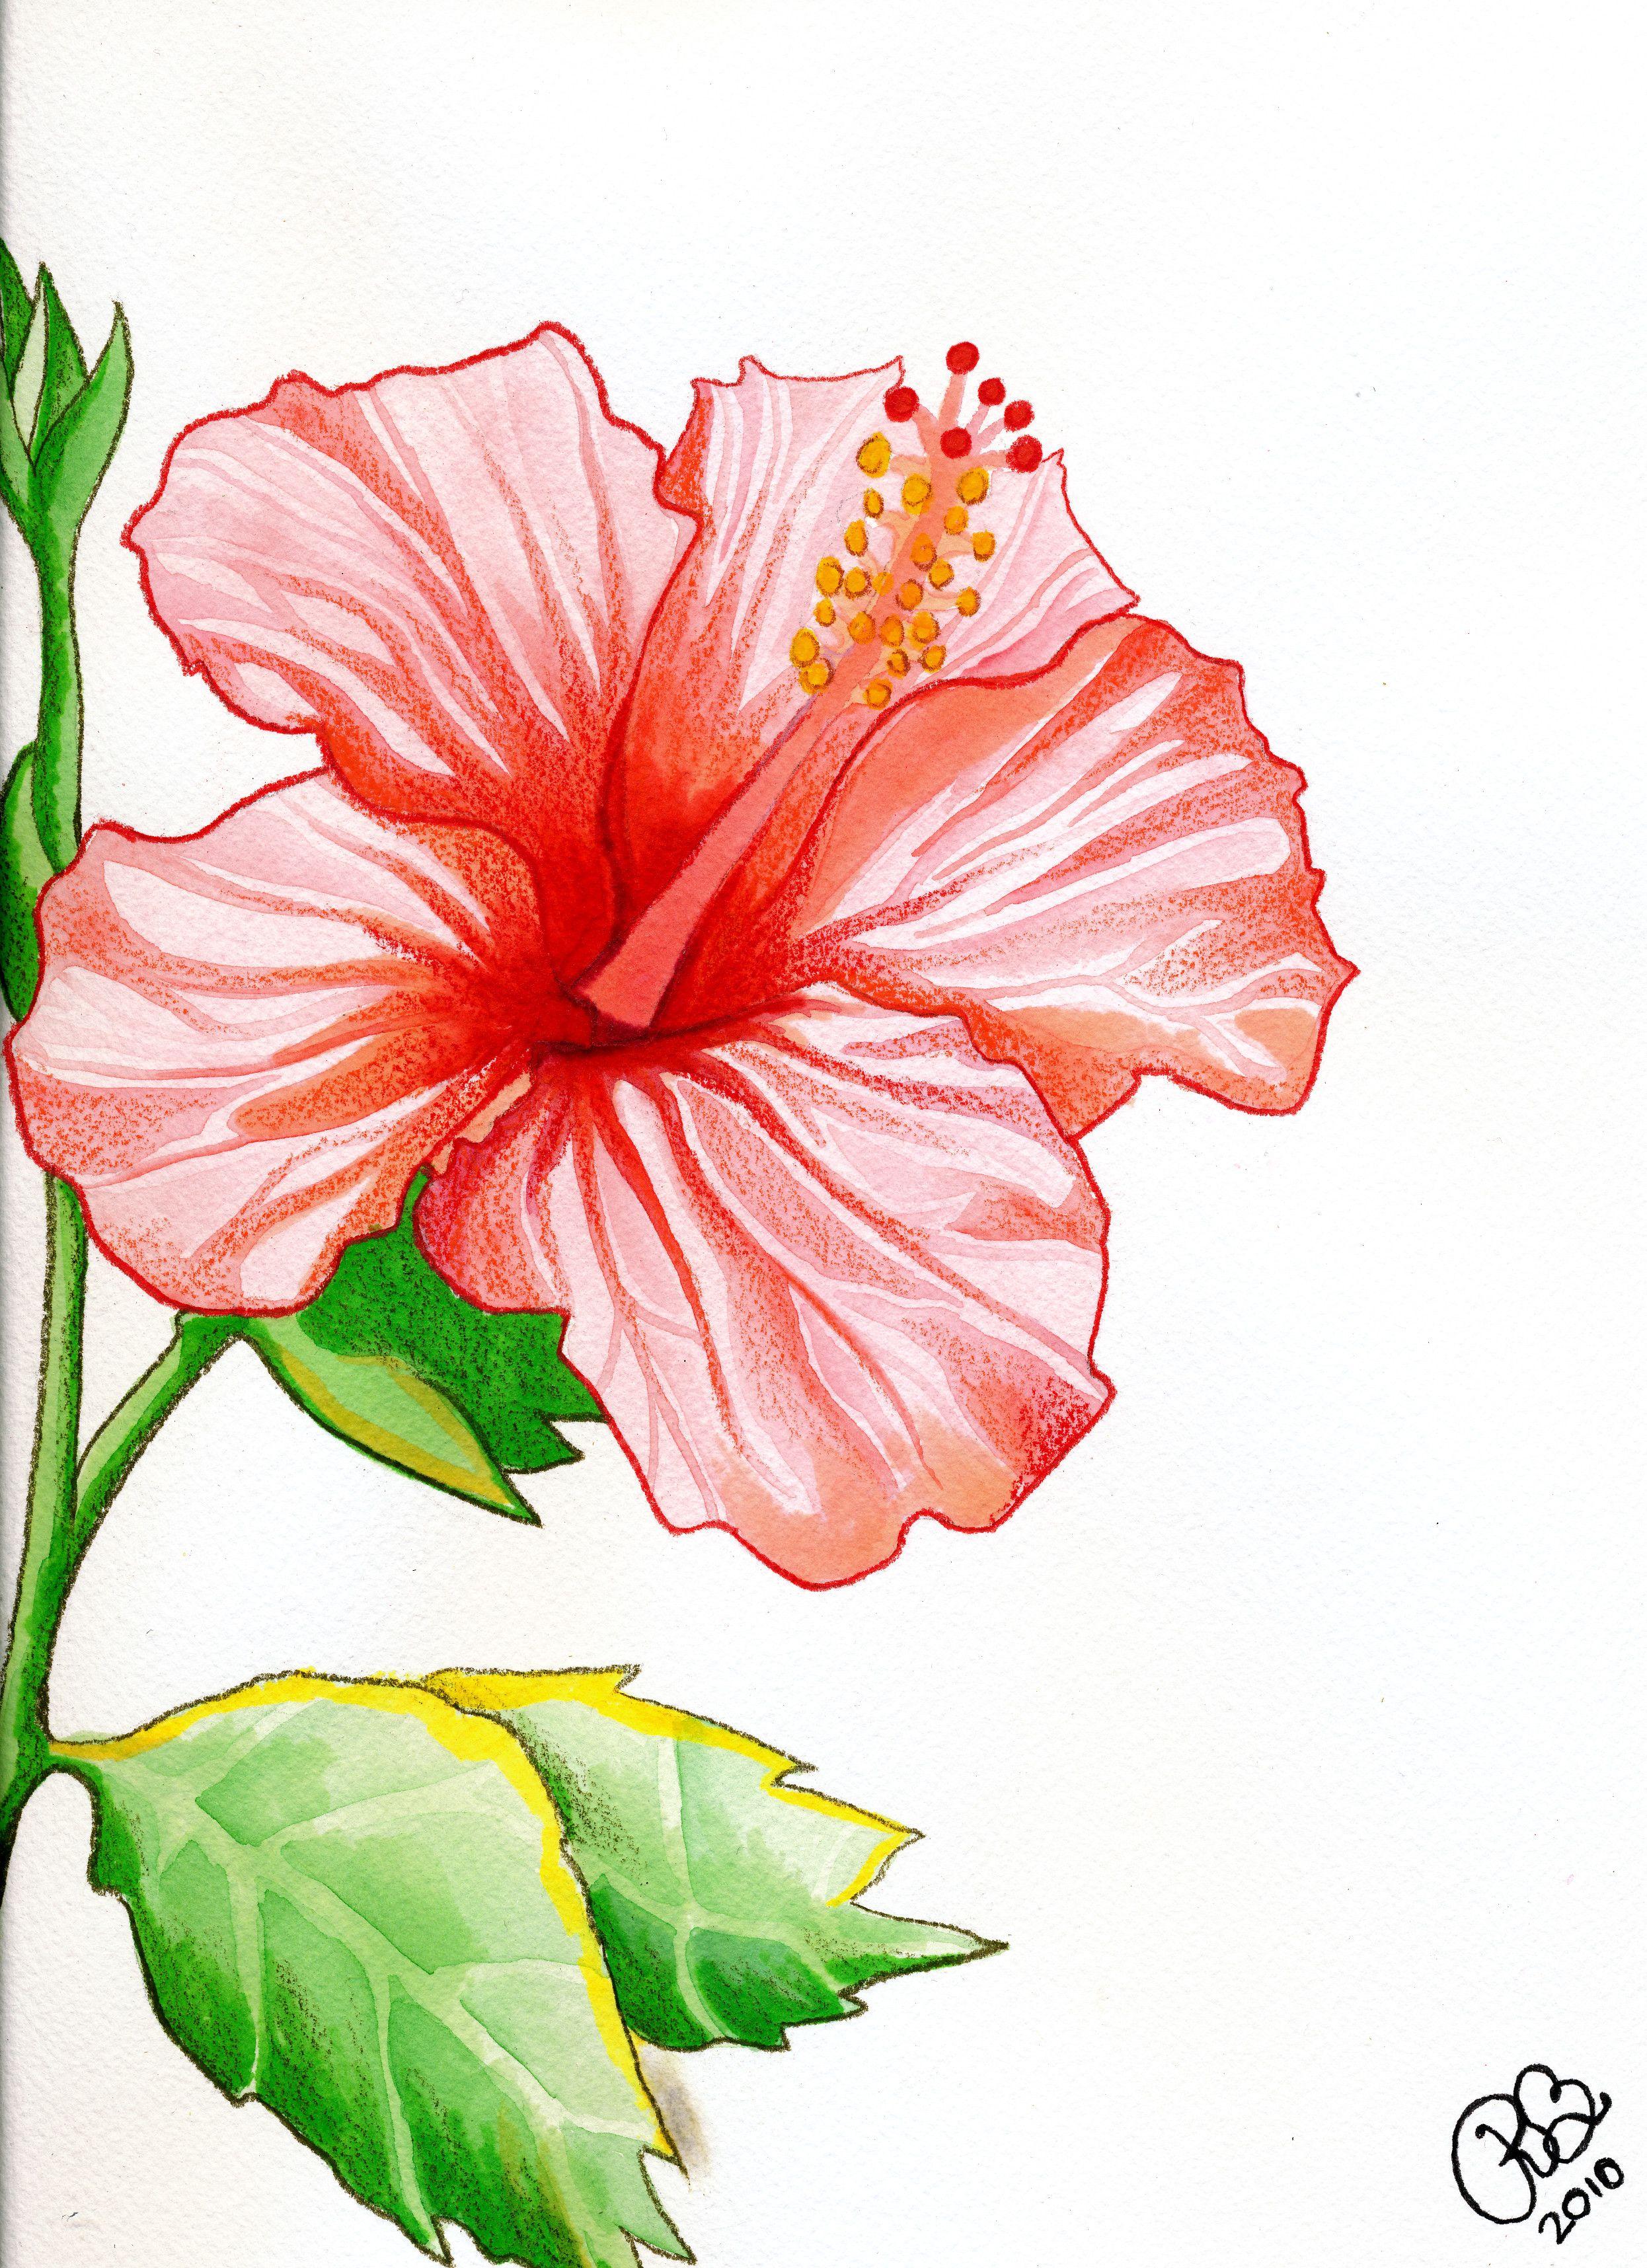 Hibiscus paintmyworldrainbow art flower hibiscus mommys hibiscus paintmyworldrainbow art flower hibiscus izmirmasajfo